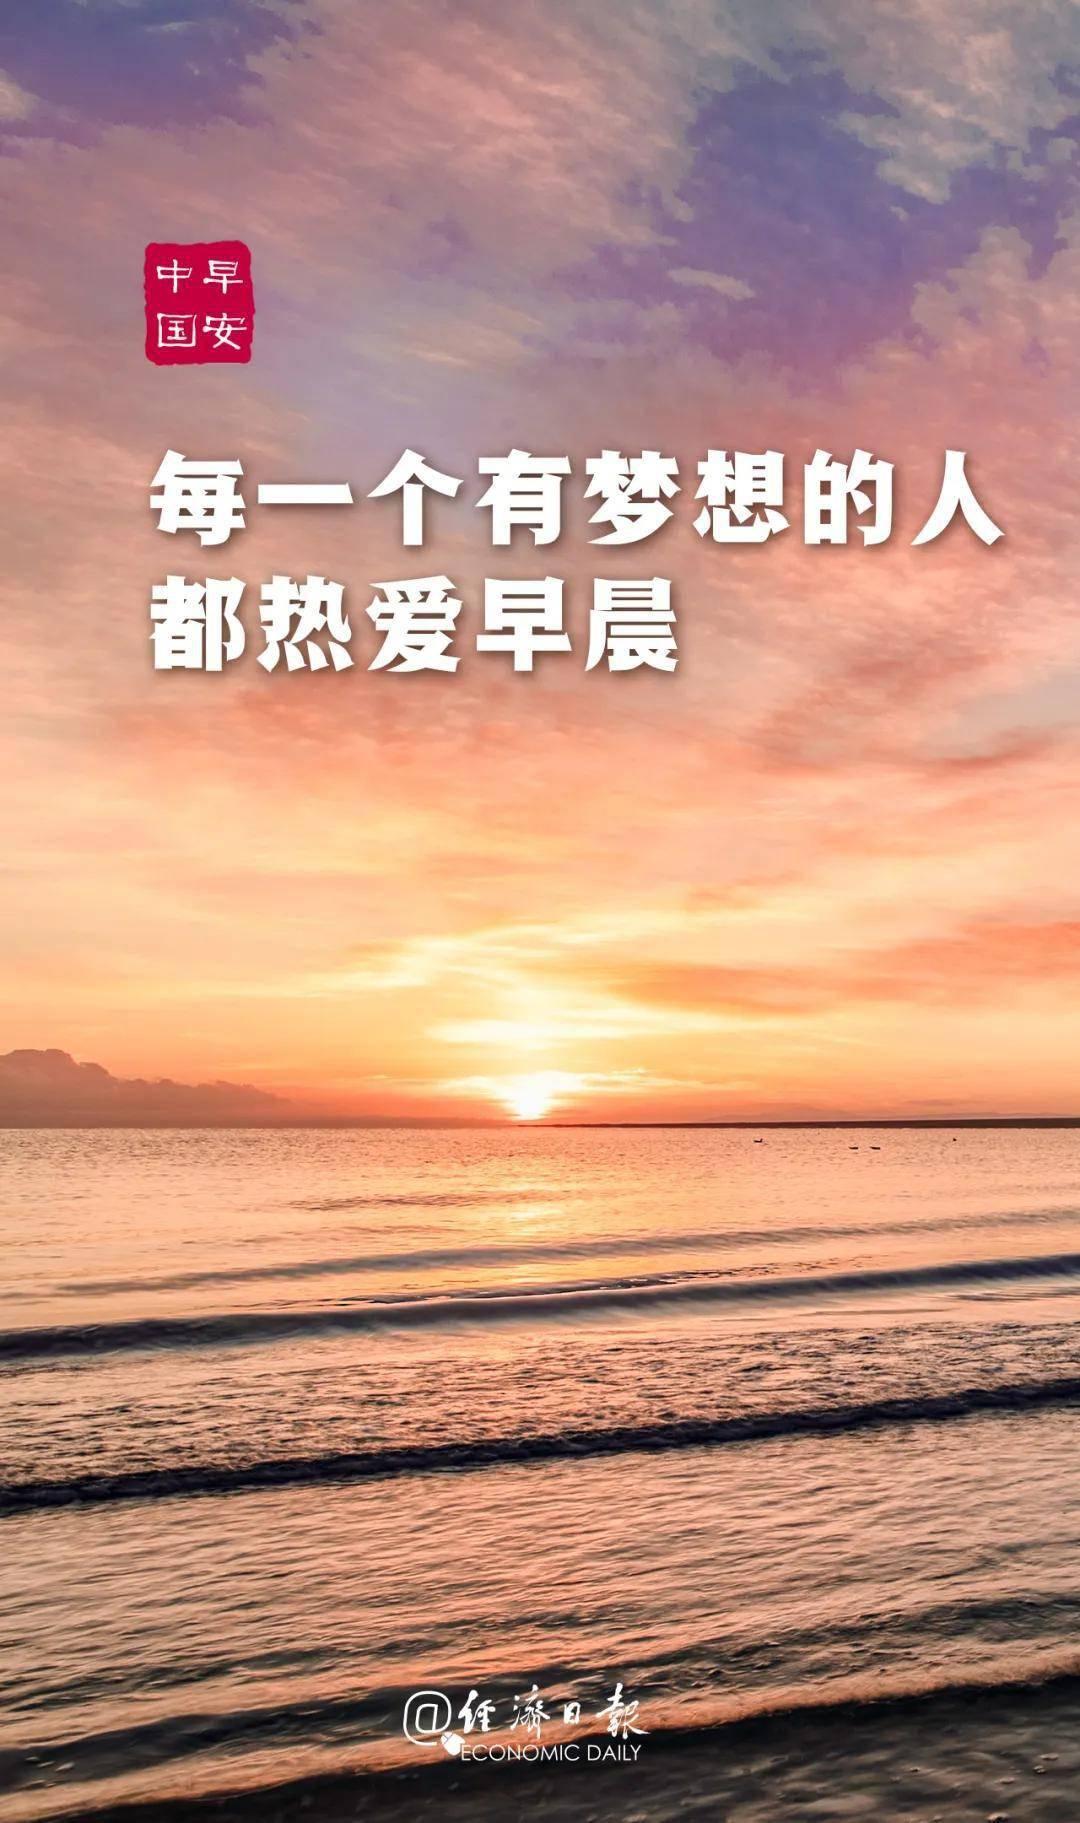 北斗全球系统星座部署完成;交通运输部:严格出京旅客信息核查丨财经早餐